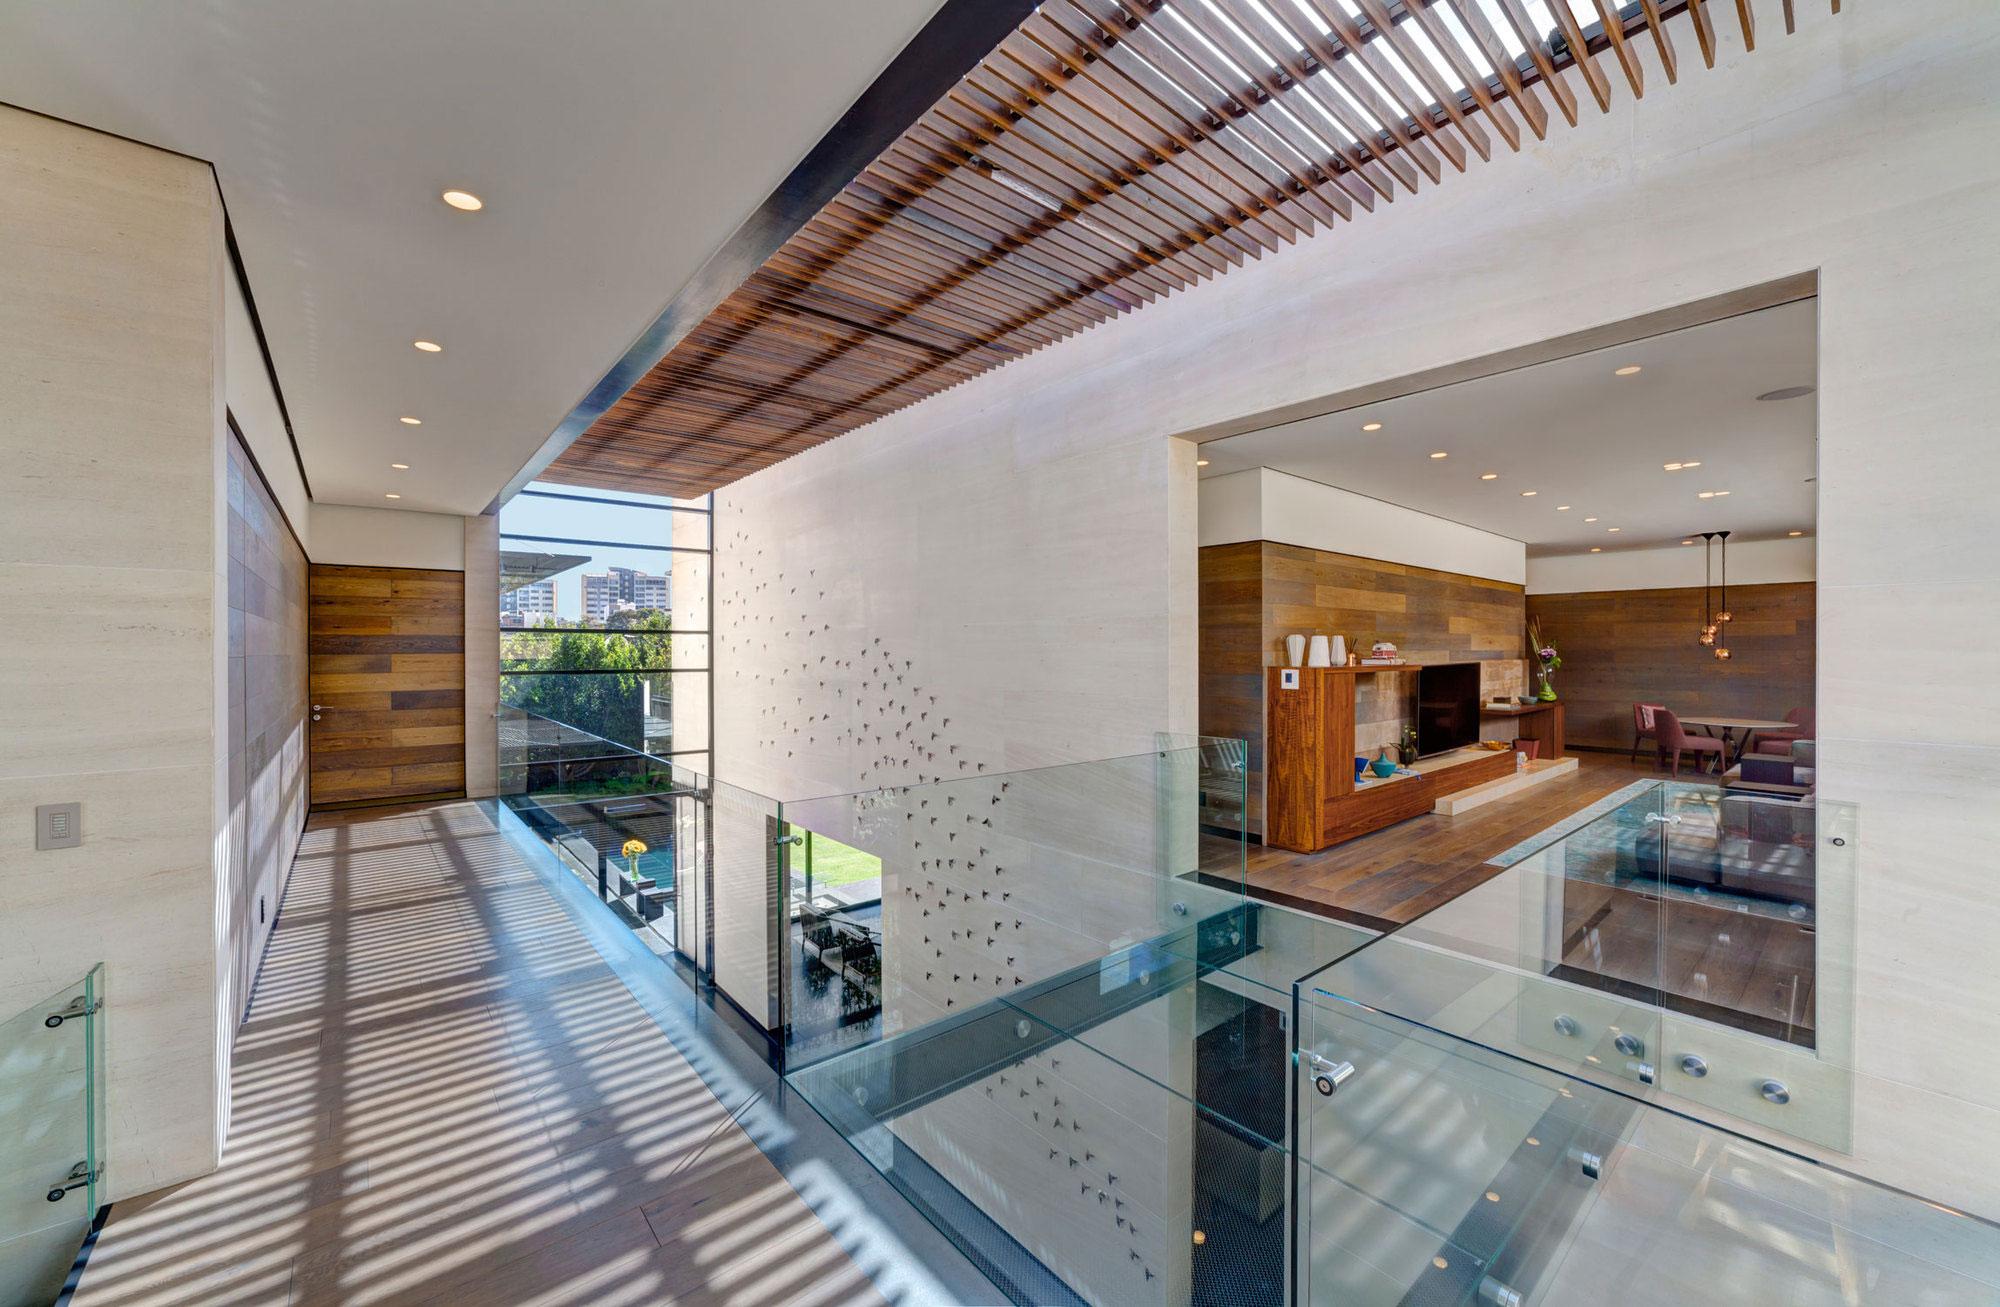 Dalias House grupoarquitectura-16